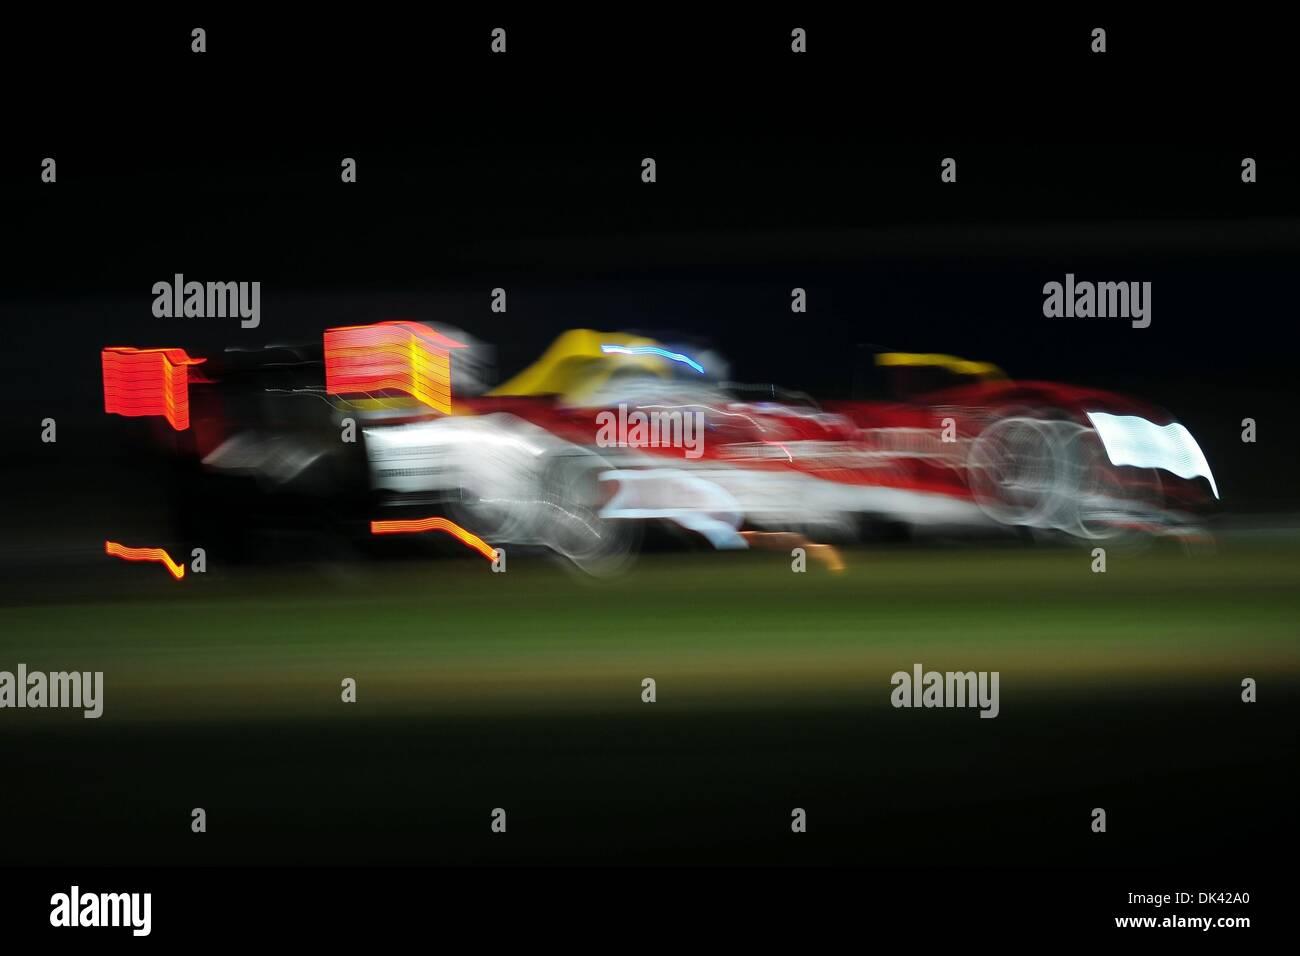 18. März 2011 - Laufwerke Sebring, Florida, USA - Audi Sport Fahrer RINALDO CAPELLO, Italiens, der R15 Plus während der Nacht Praxis für die 12 Stunden von Sebring. (Kredit-Bild: © Rainier Ehrhardt/ZUMA Press/Rainier Ehrhardt) Stockbild